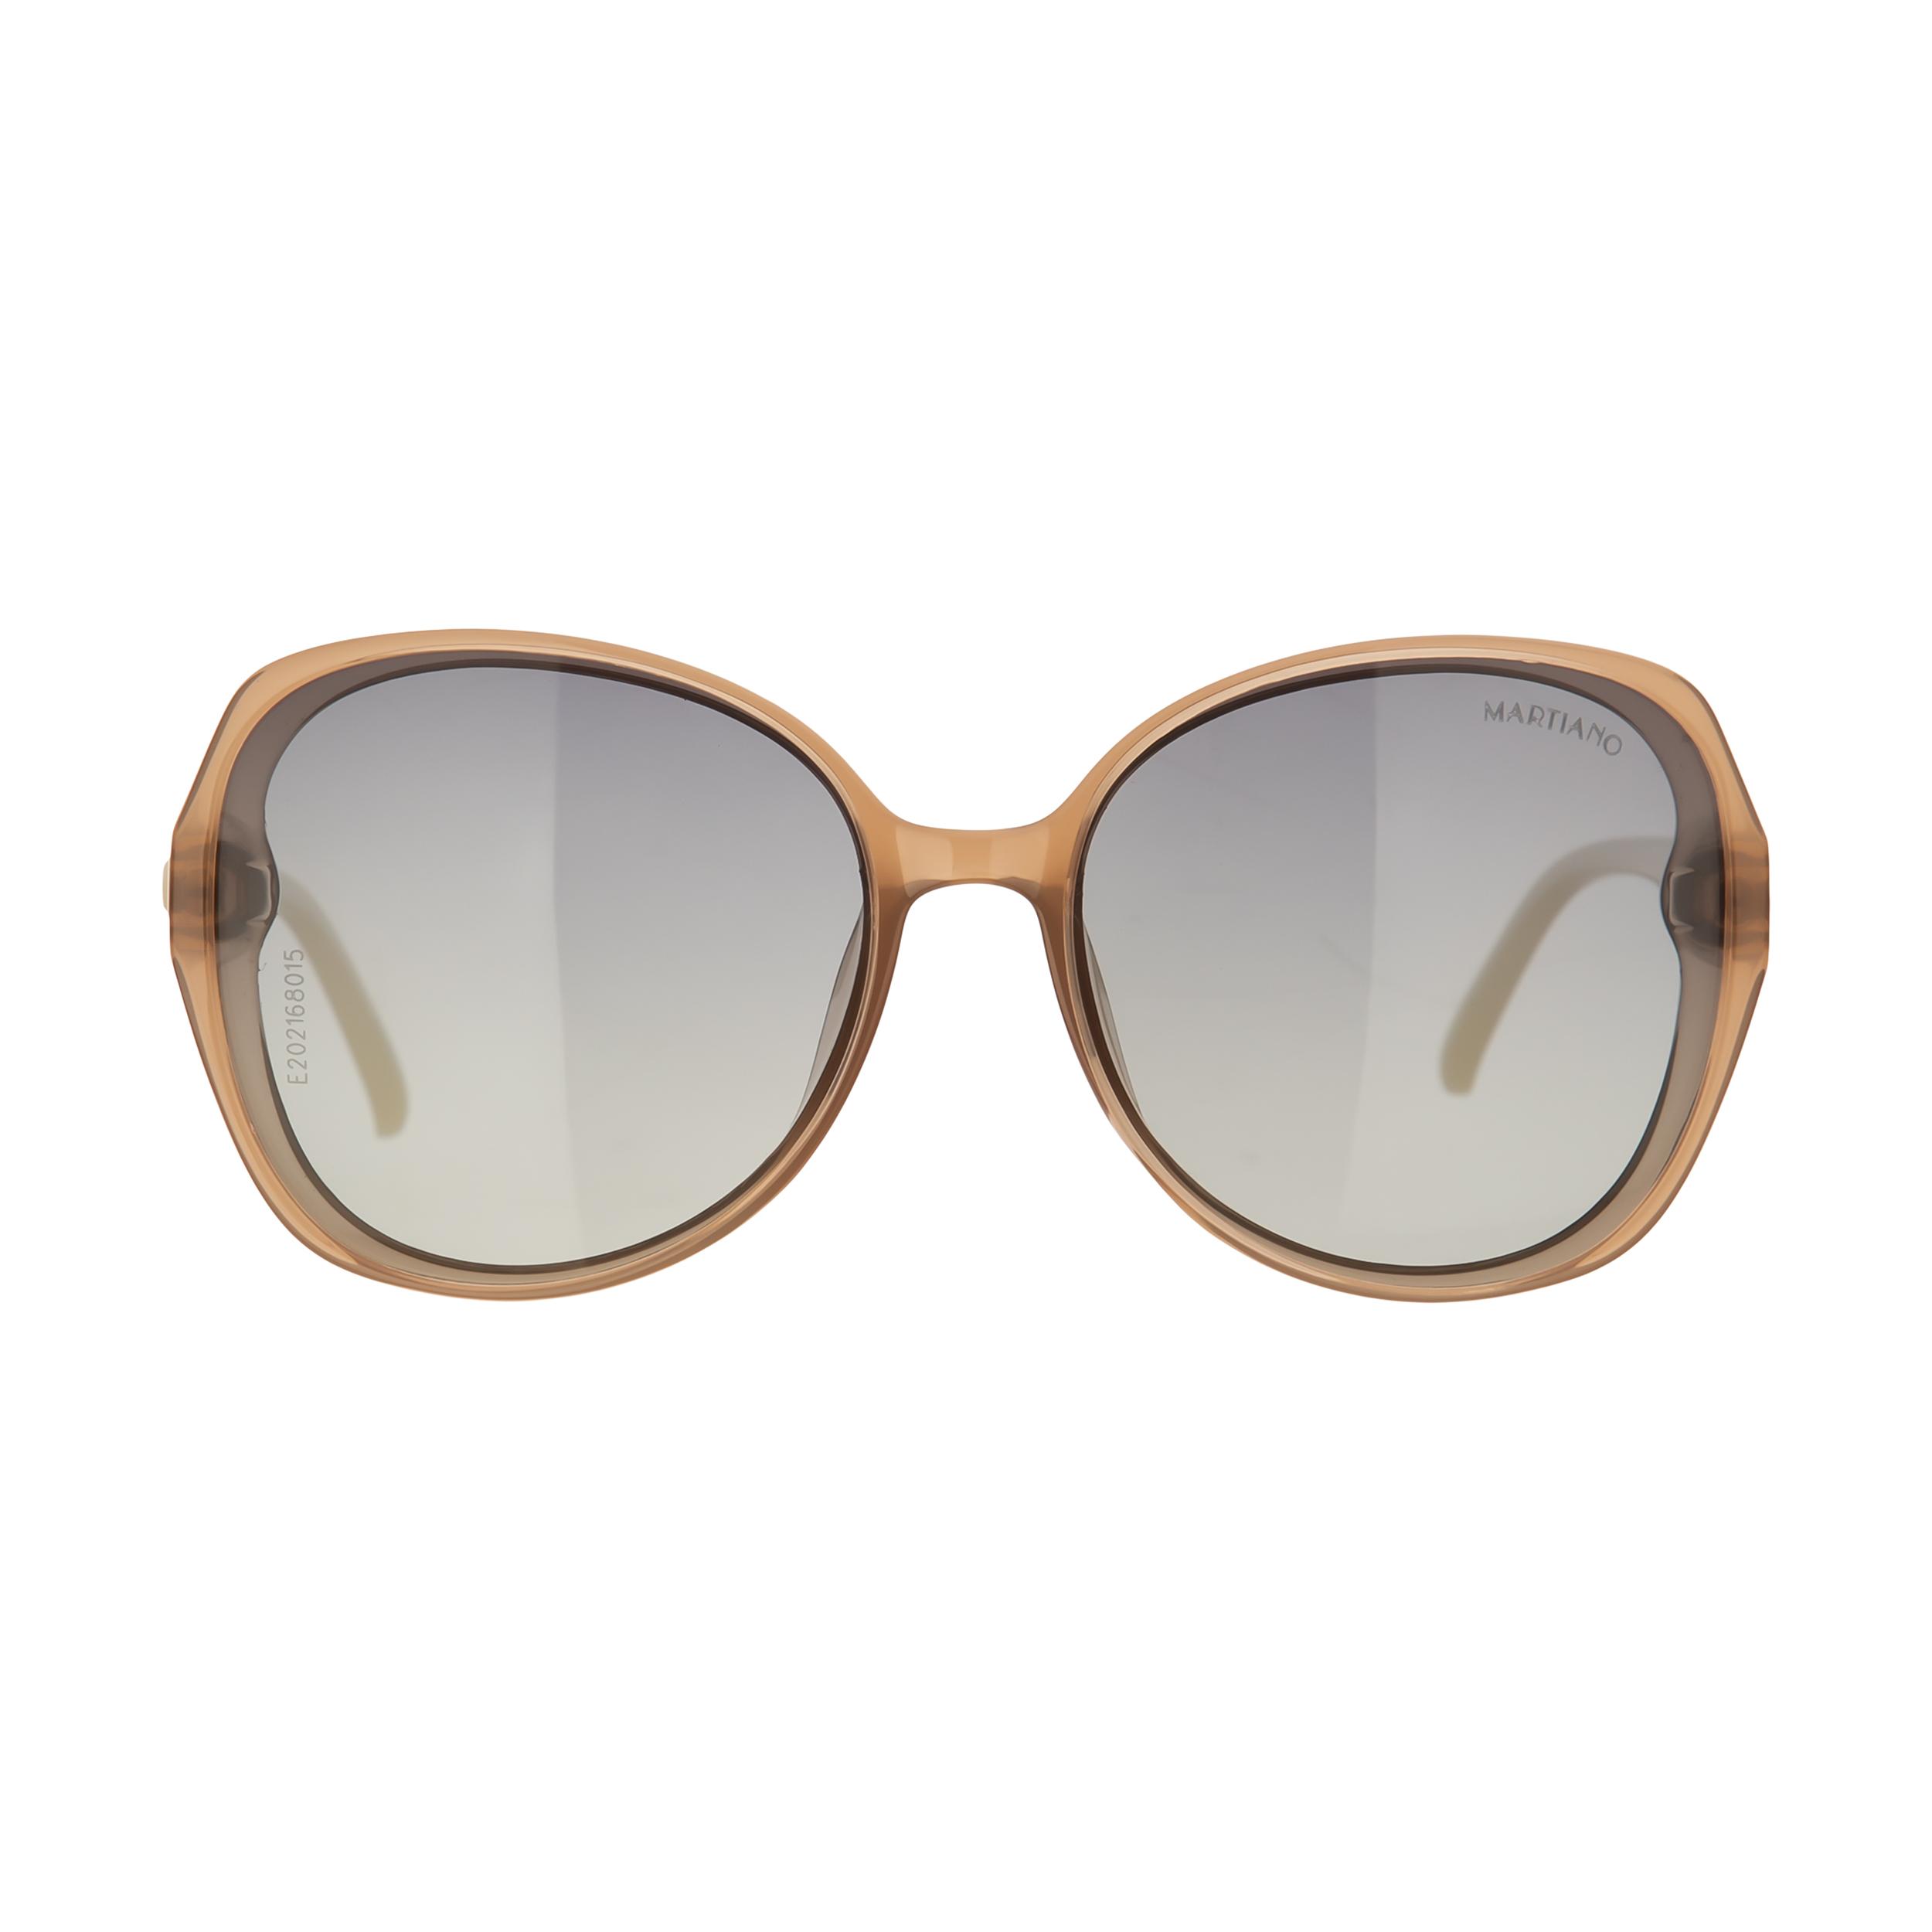 عینک آفتابی زنانه مارتیانو مدل pt20008 r60